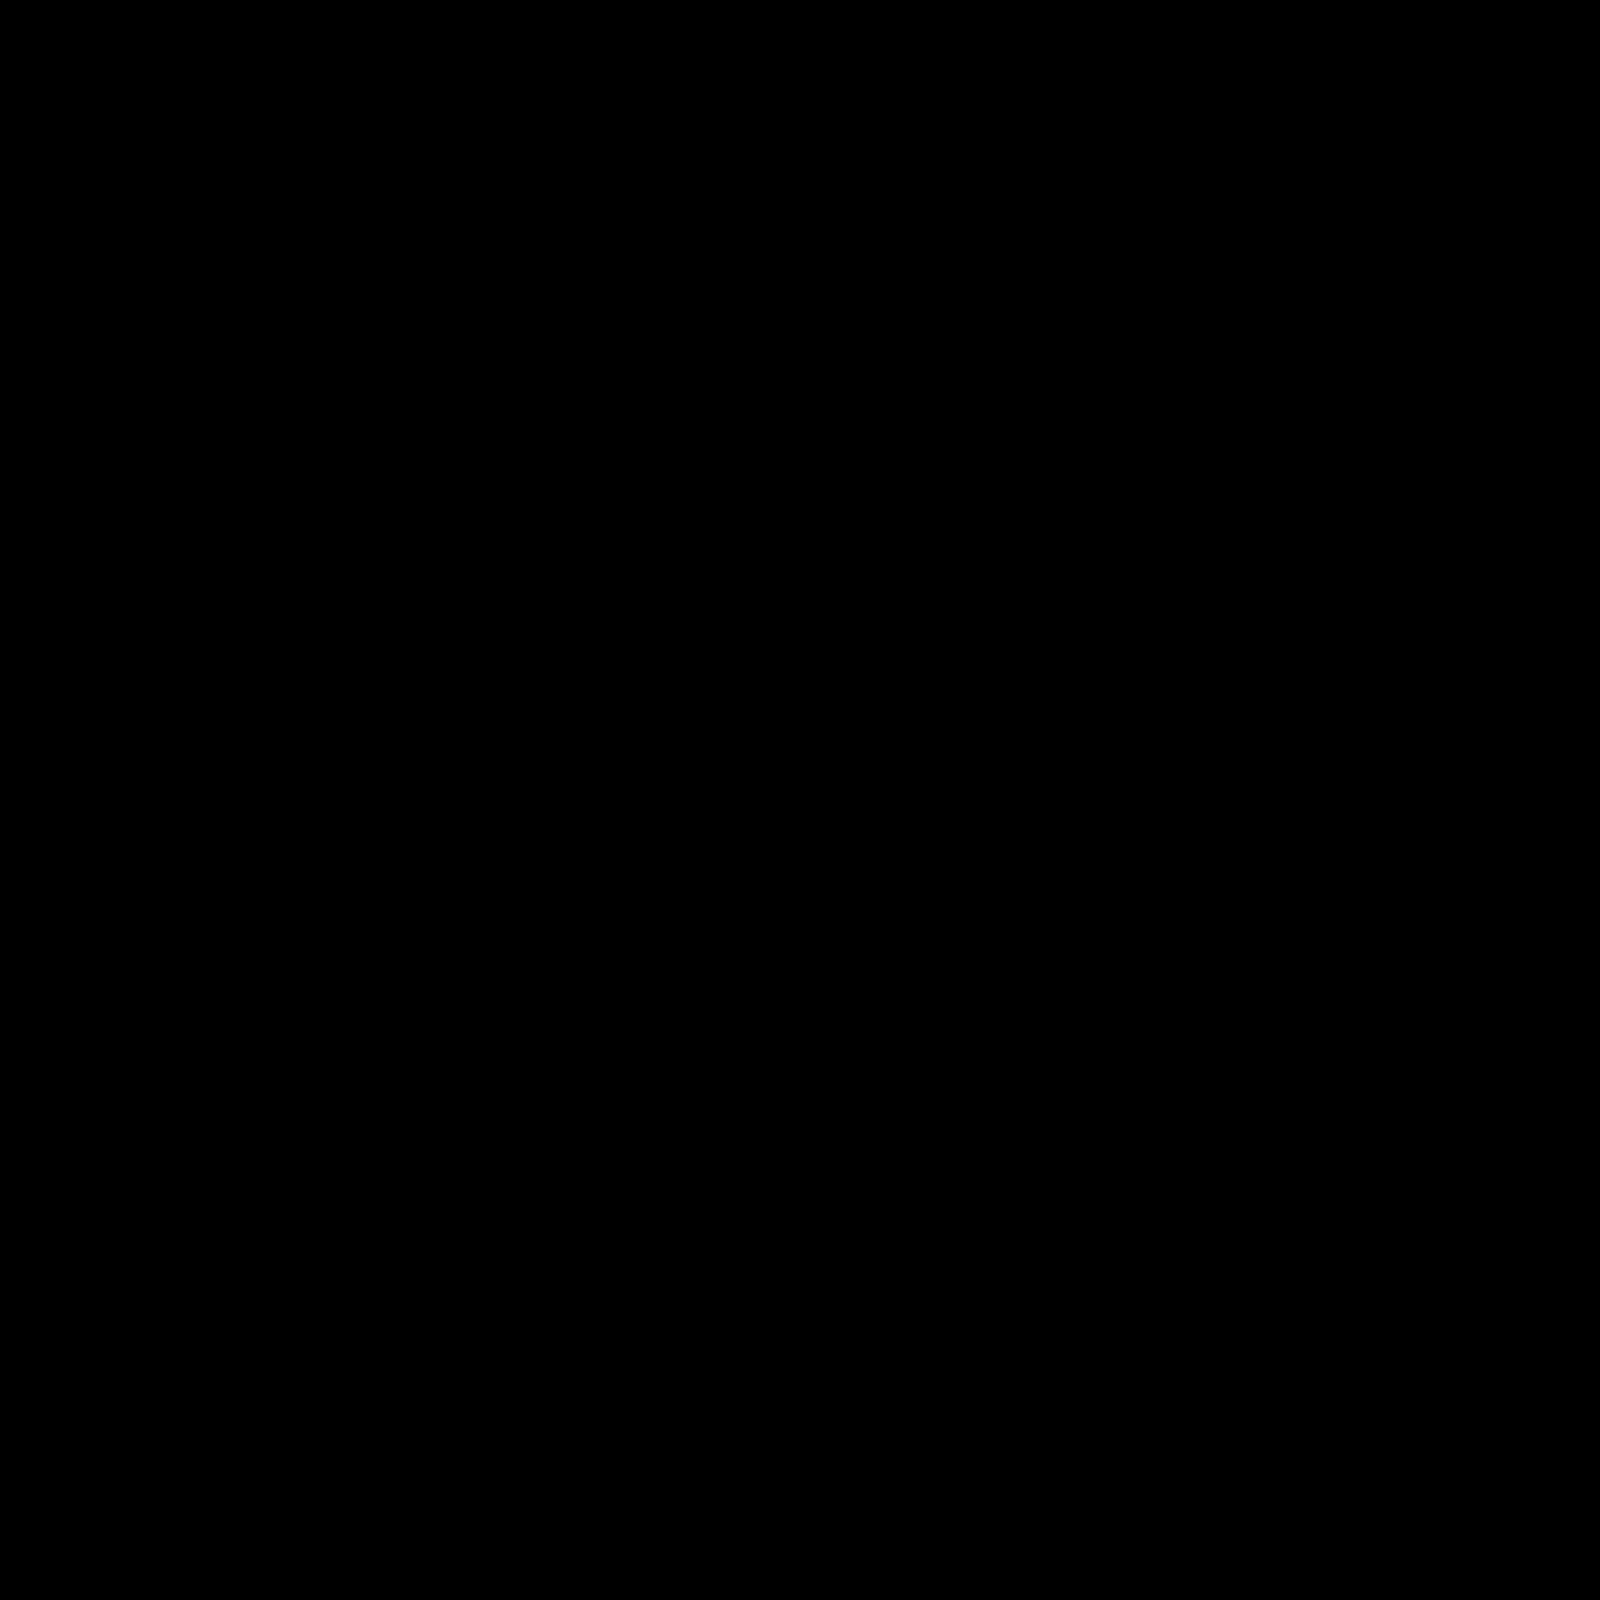 Tätowiermaschine icon